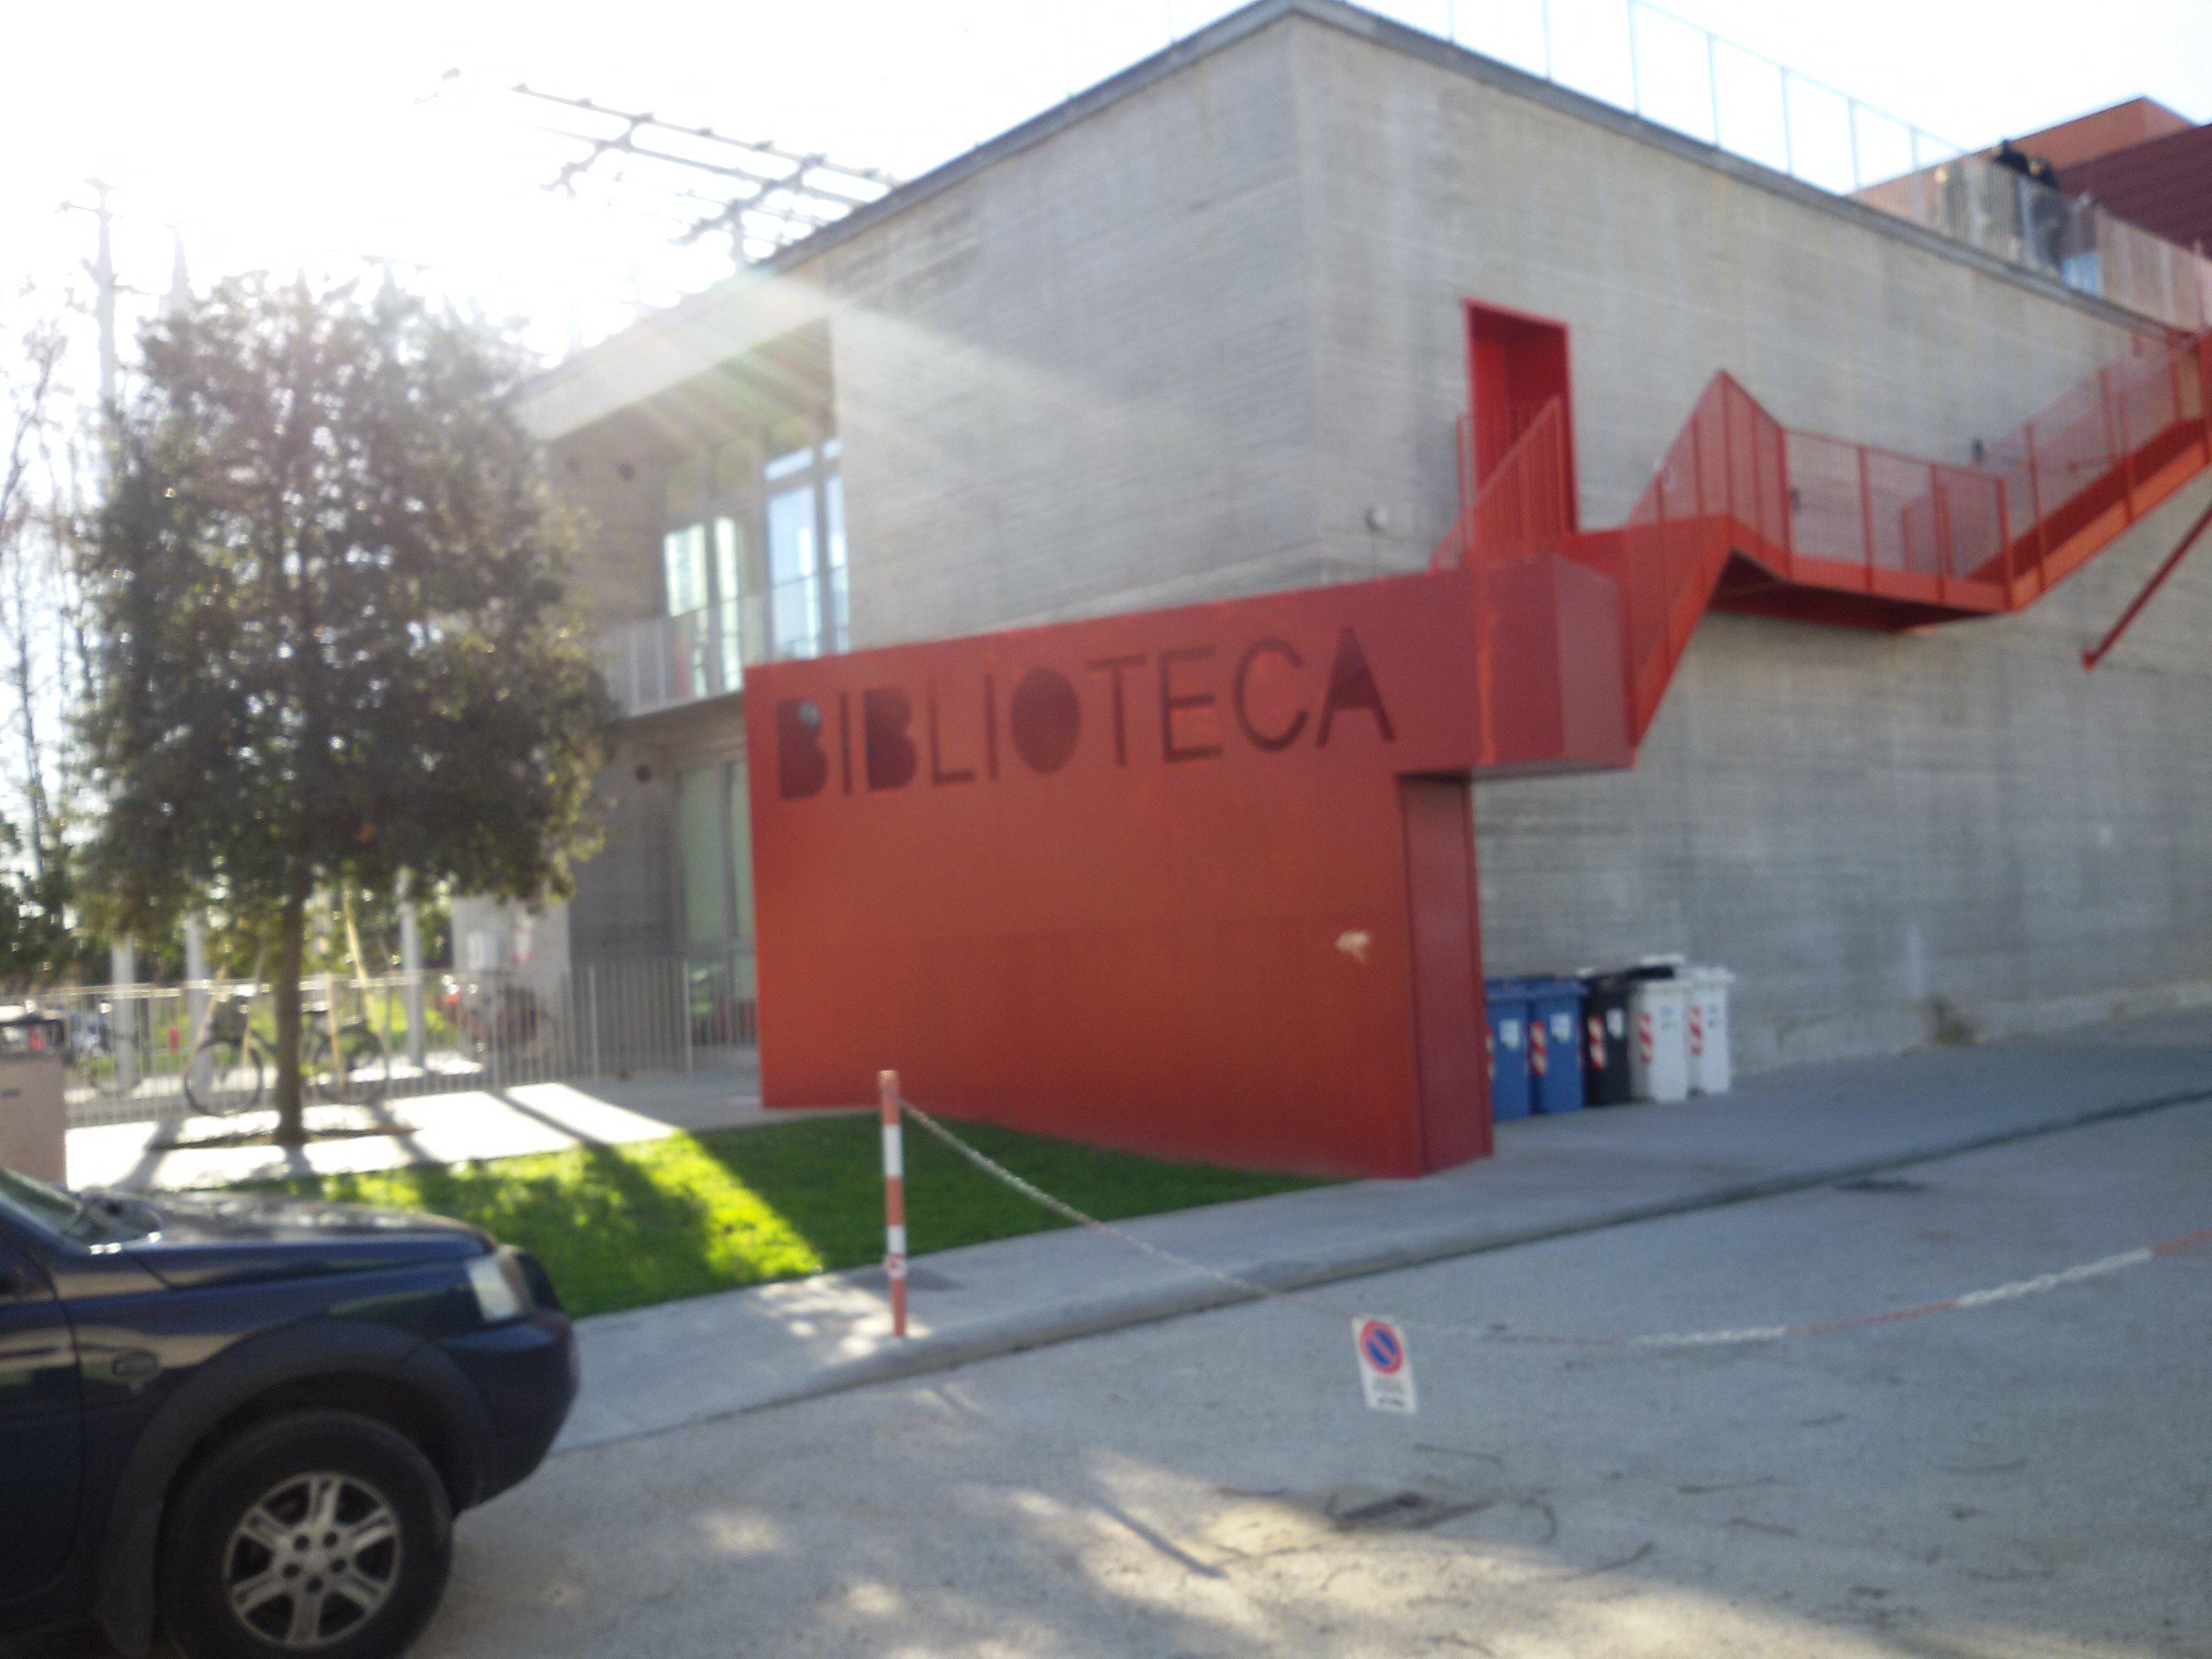 SMSBiblio - Biblioteca Comunale